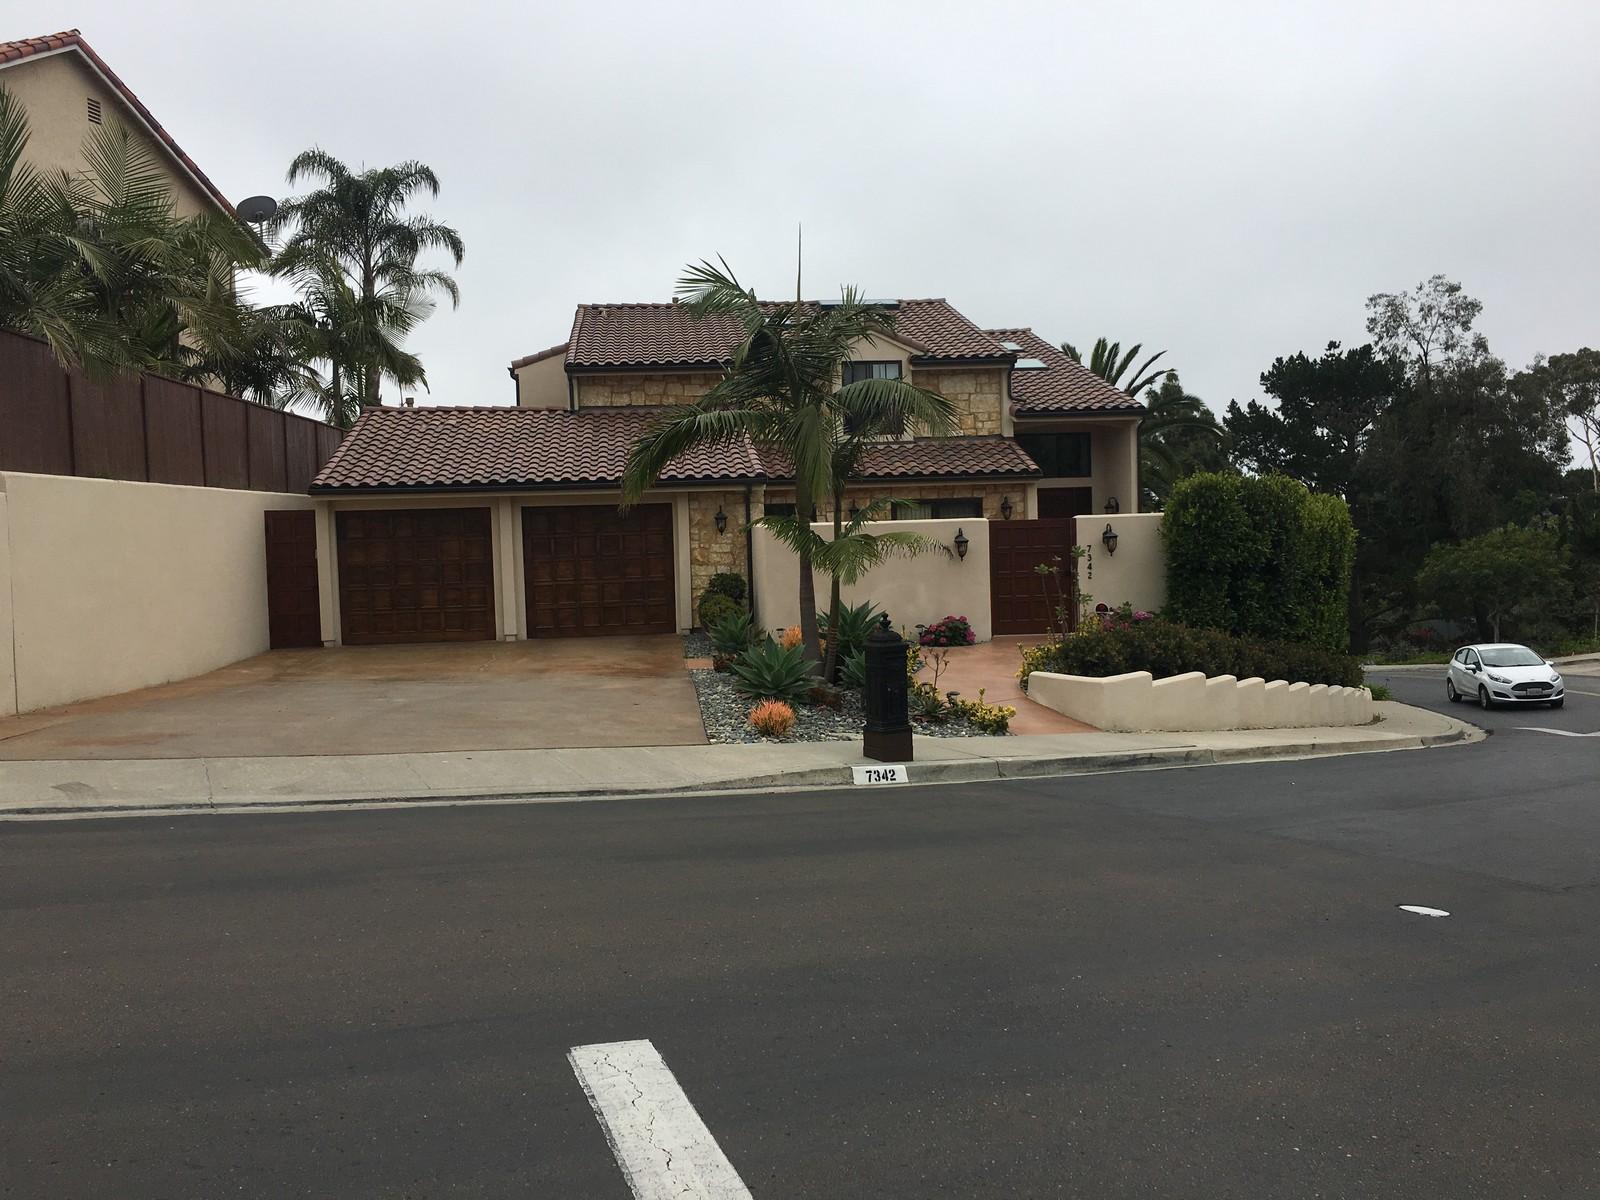 Casa Unifamiliar por un Venta en 7342 Caminito Cruzada La Jolla, California, 92037 Estados Unidos